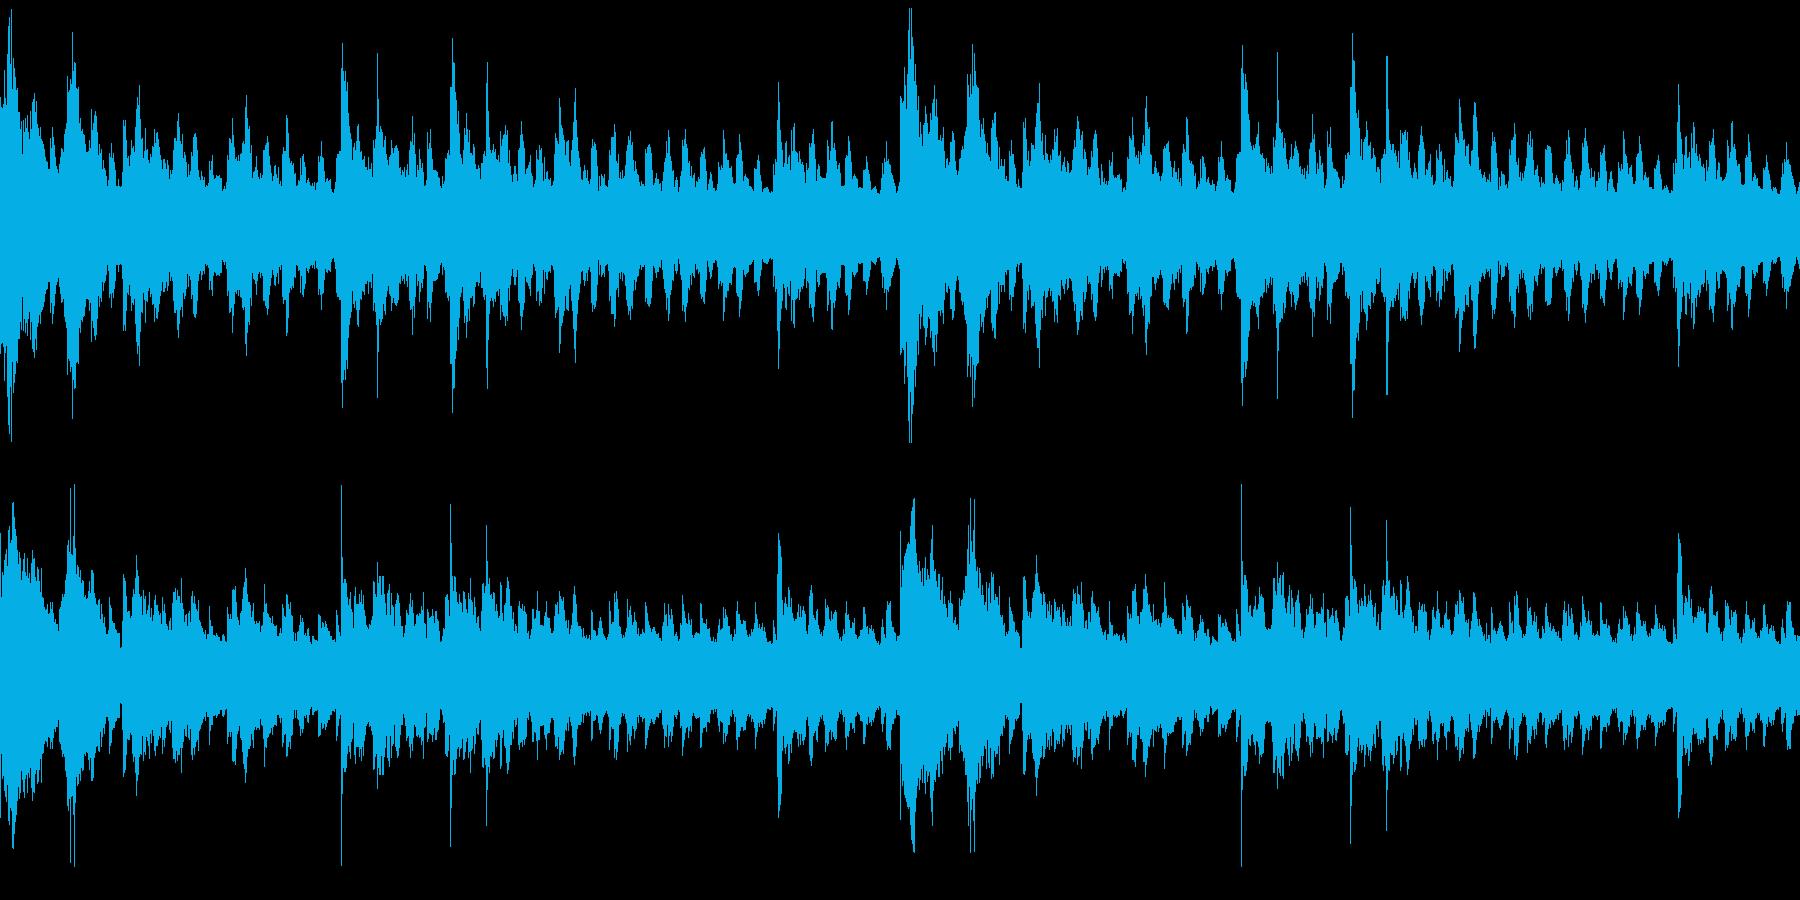 怪談・ホラーBGM/ループ仕様の再生済みの波形